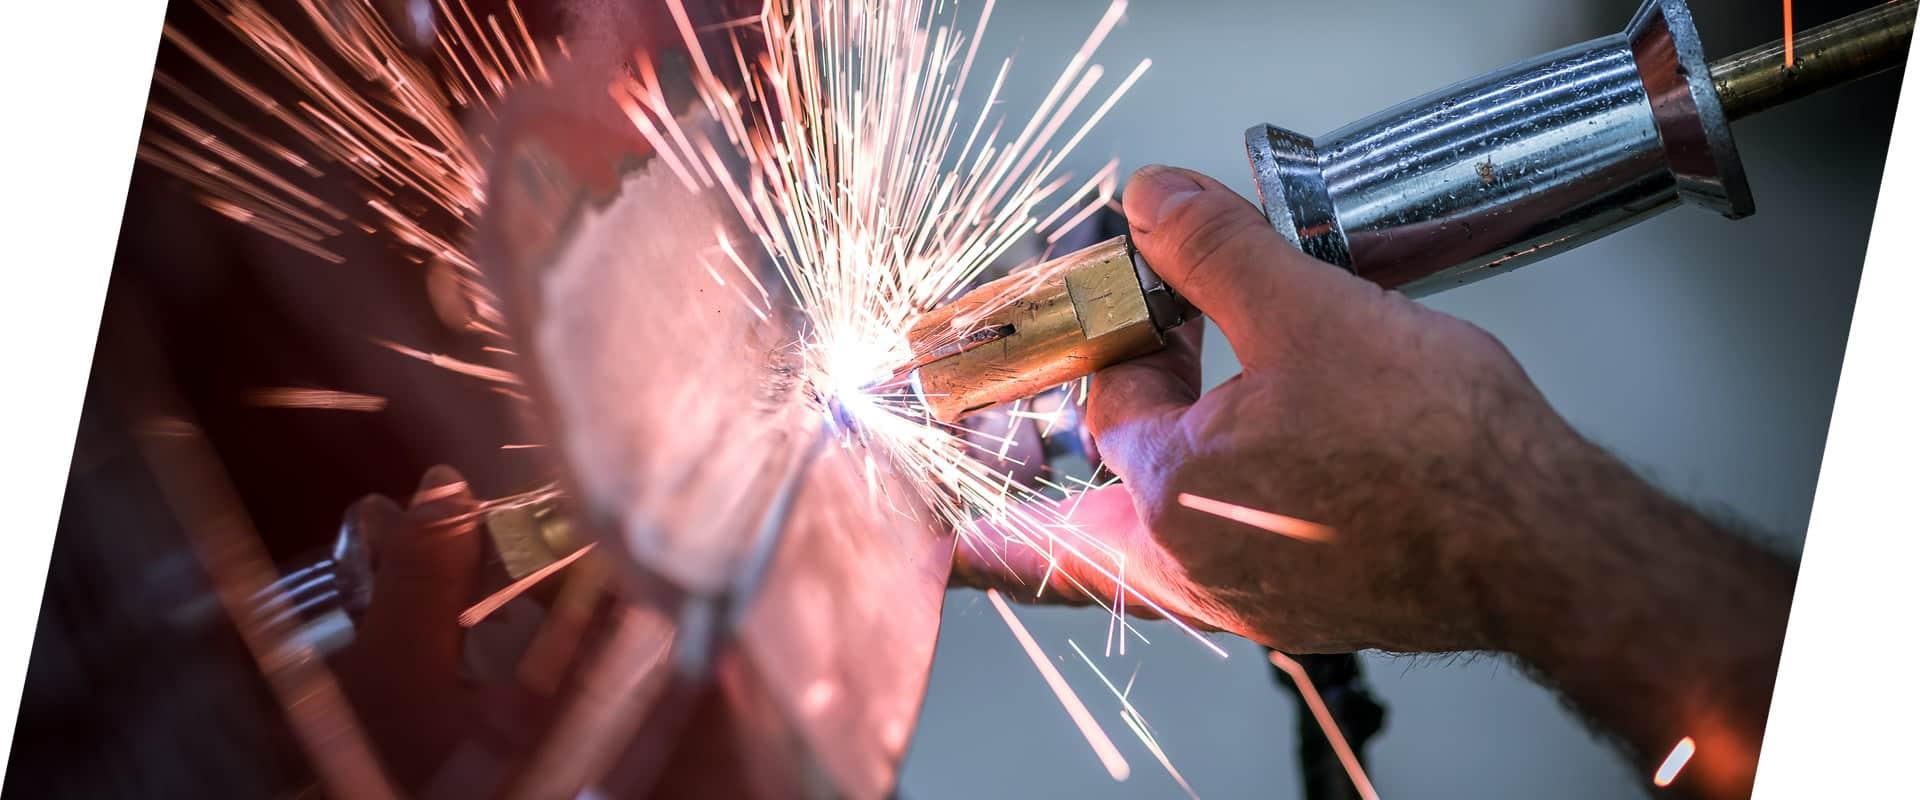 Wir reparieren Fahrzeuge jeder Dimension im CarrosserieCenter Thal